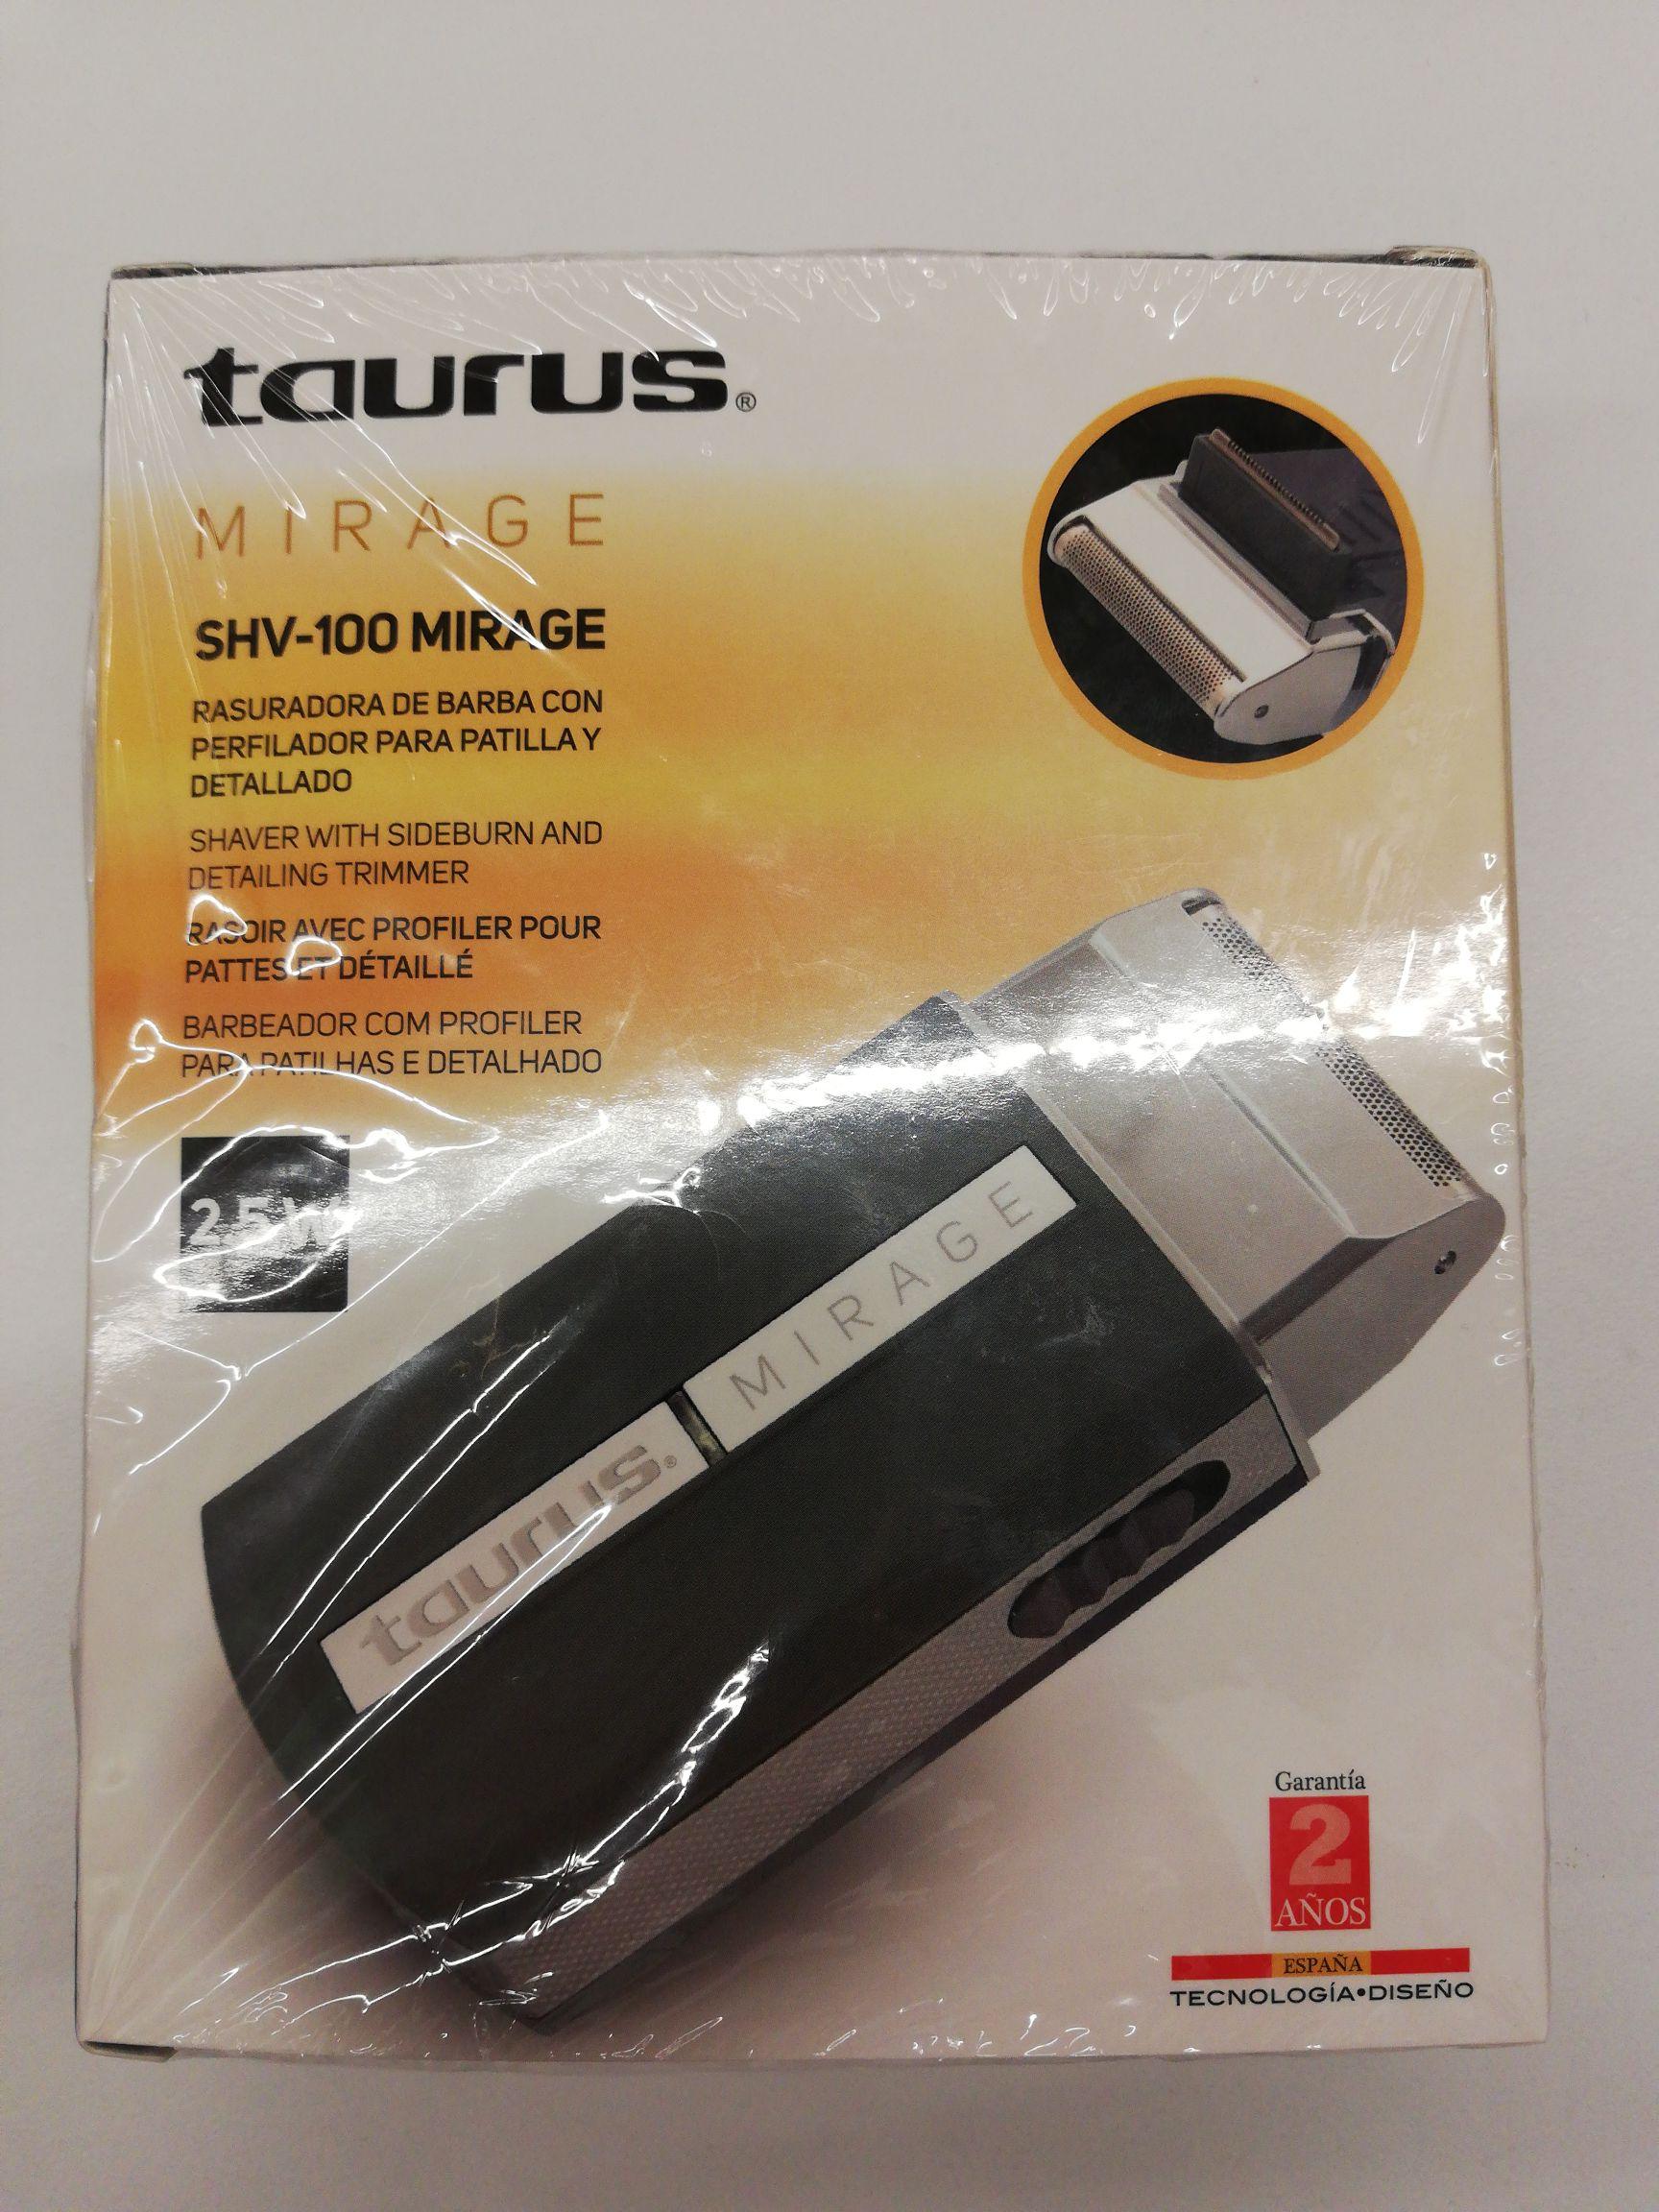 Bodega Aurrera: Rasuradora Taurus